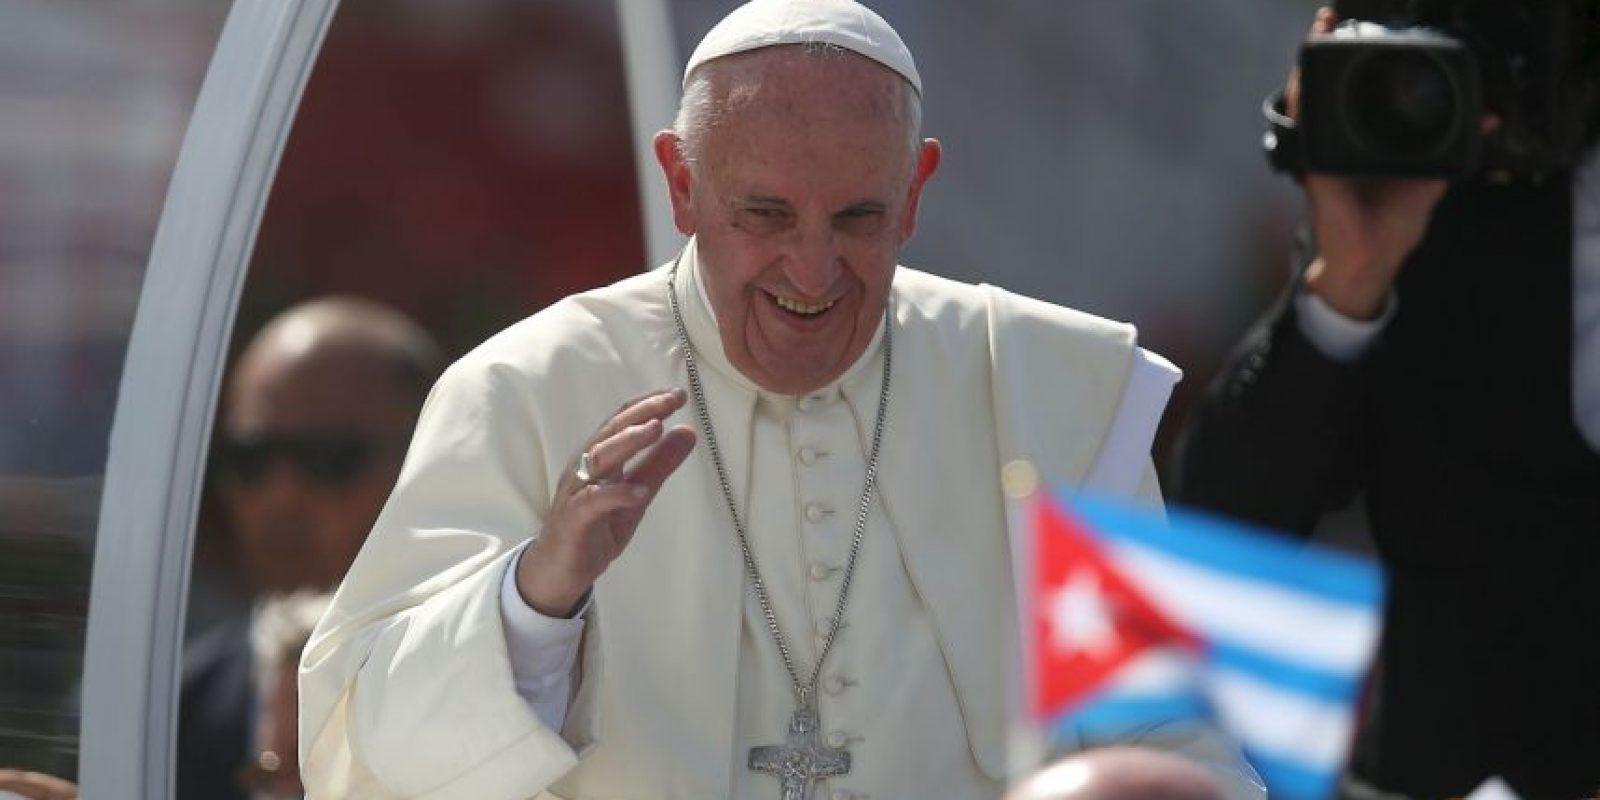 Una de las razones para no estar de acuerdo con las nuevas decisiones es debido a que Cuba dio asilo político a una fugitiva estadounidense. Foto:Getty Images